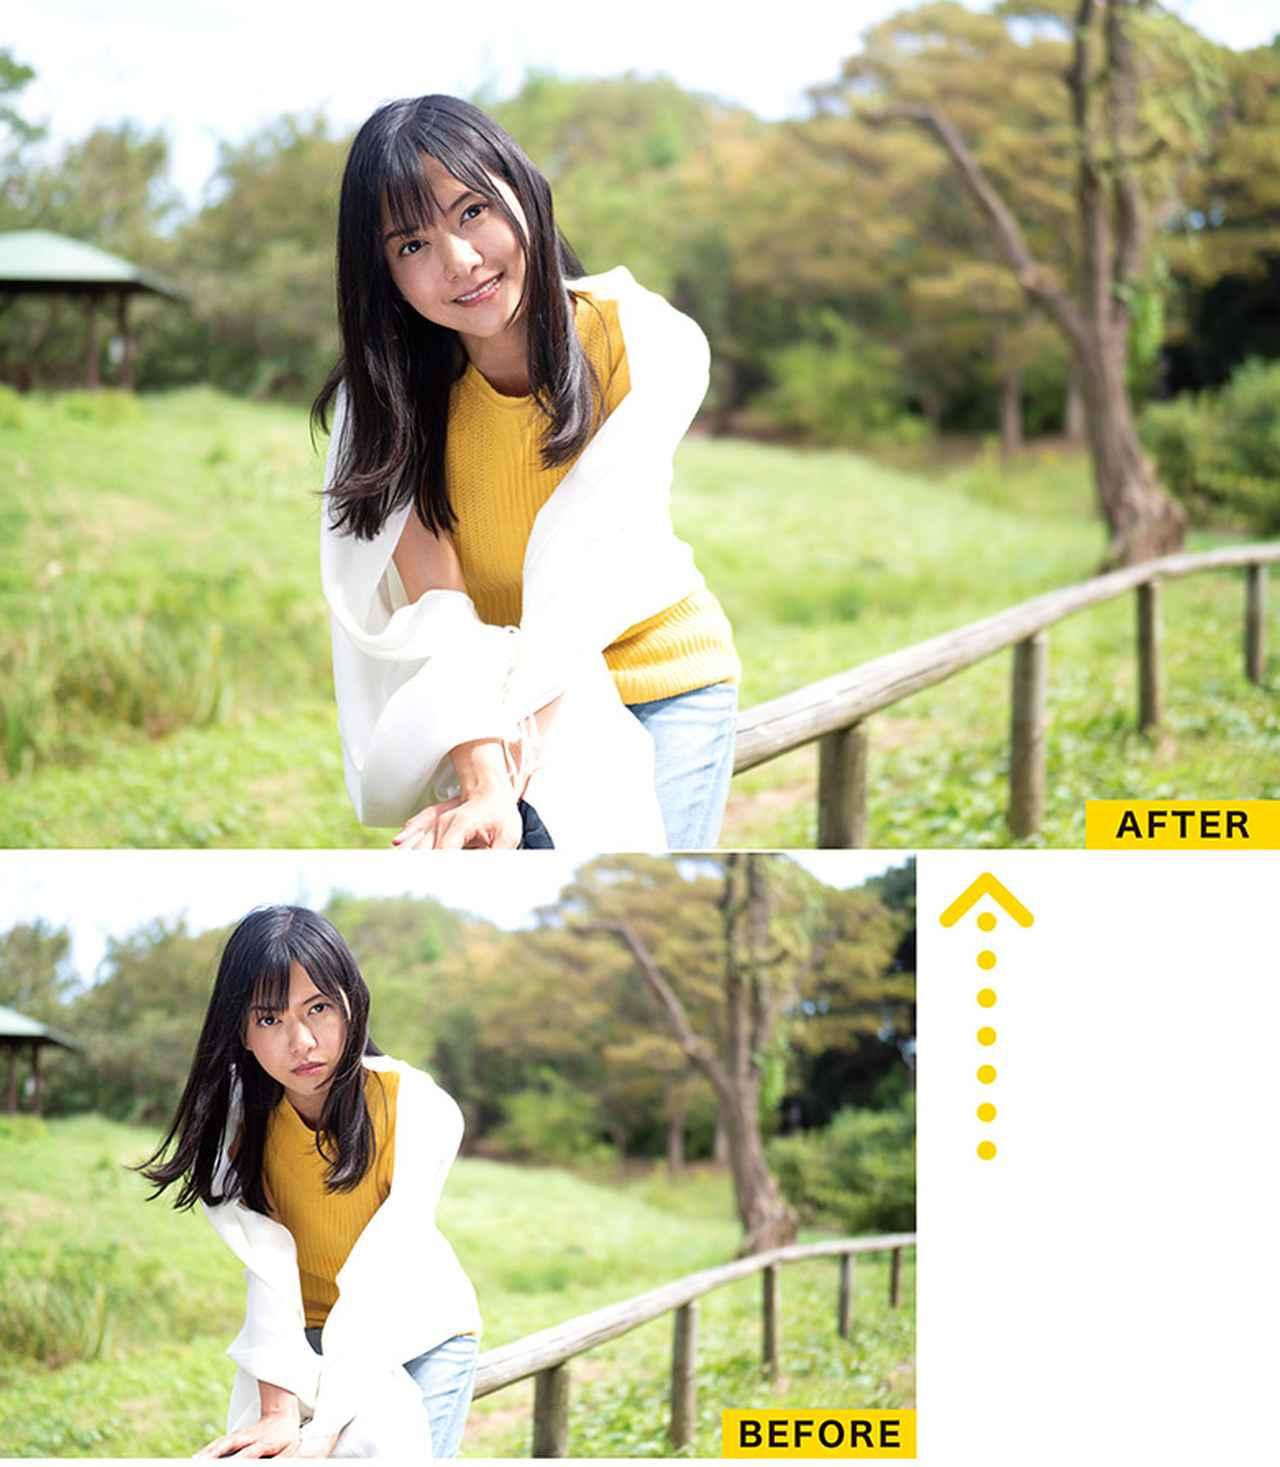 画像: 大きいサイズの白レフをモデルの近くに置いて撮影した。銀レフ(下)より柔らかい写真となっている。